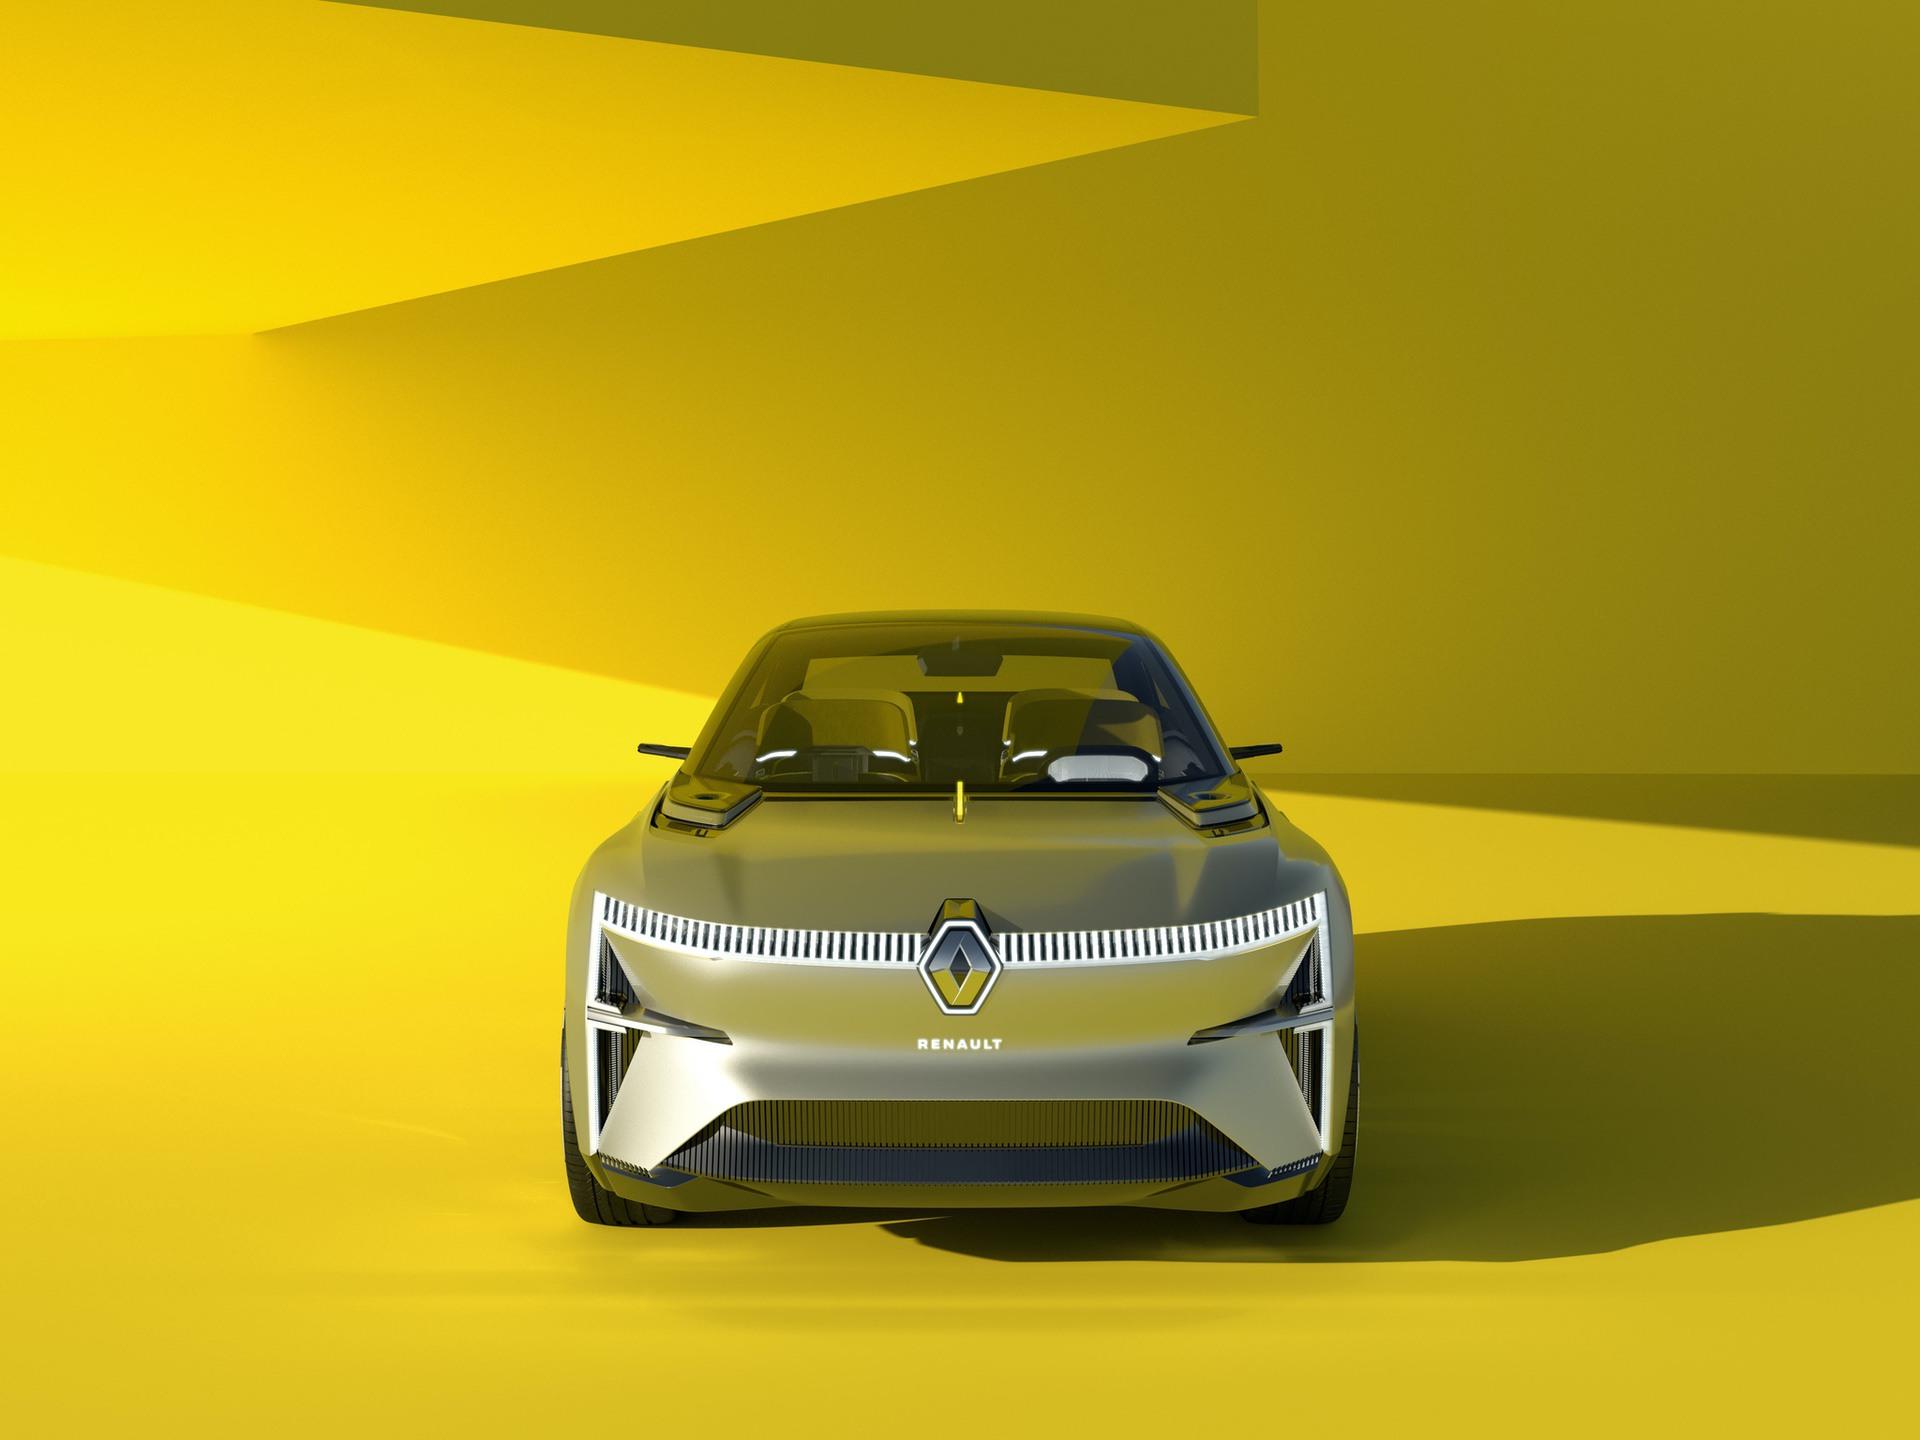 Renault_Morphoz_concept_0003